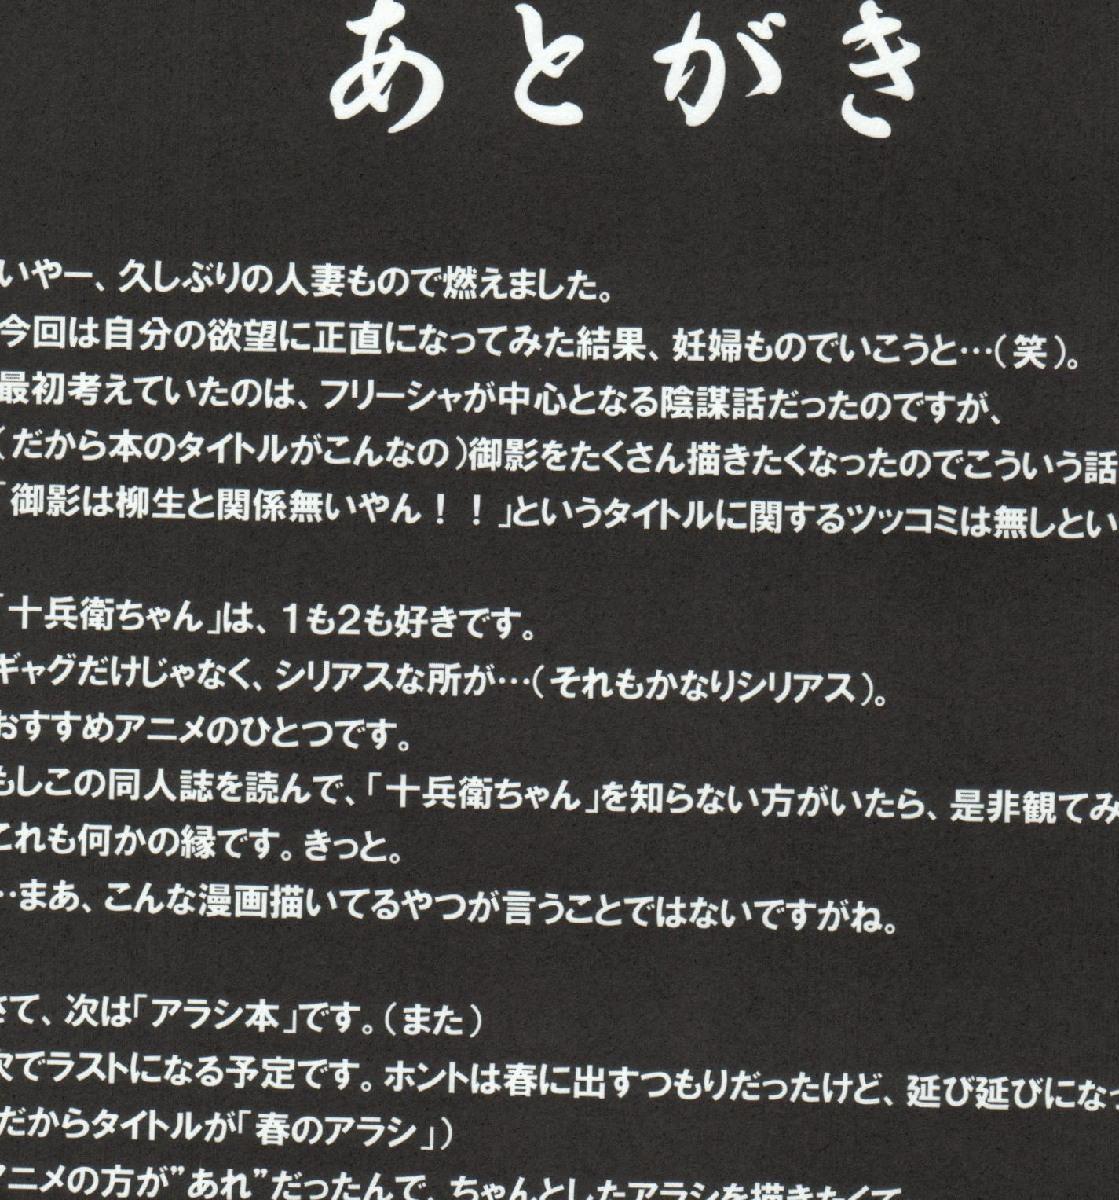 Yagyuu Ichizoku no Inkou 28